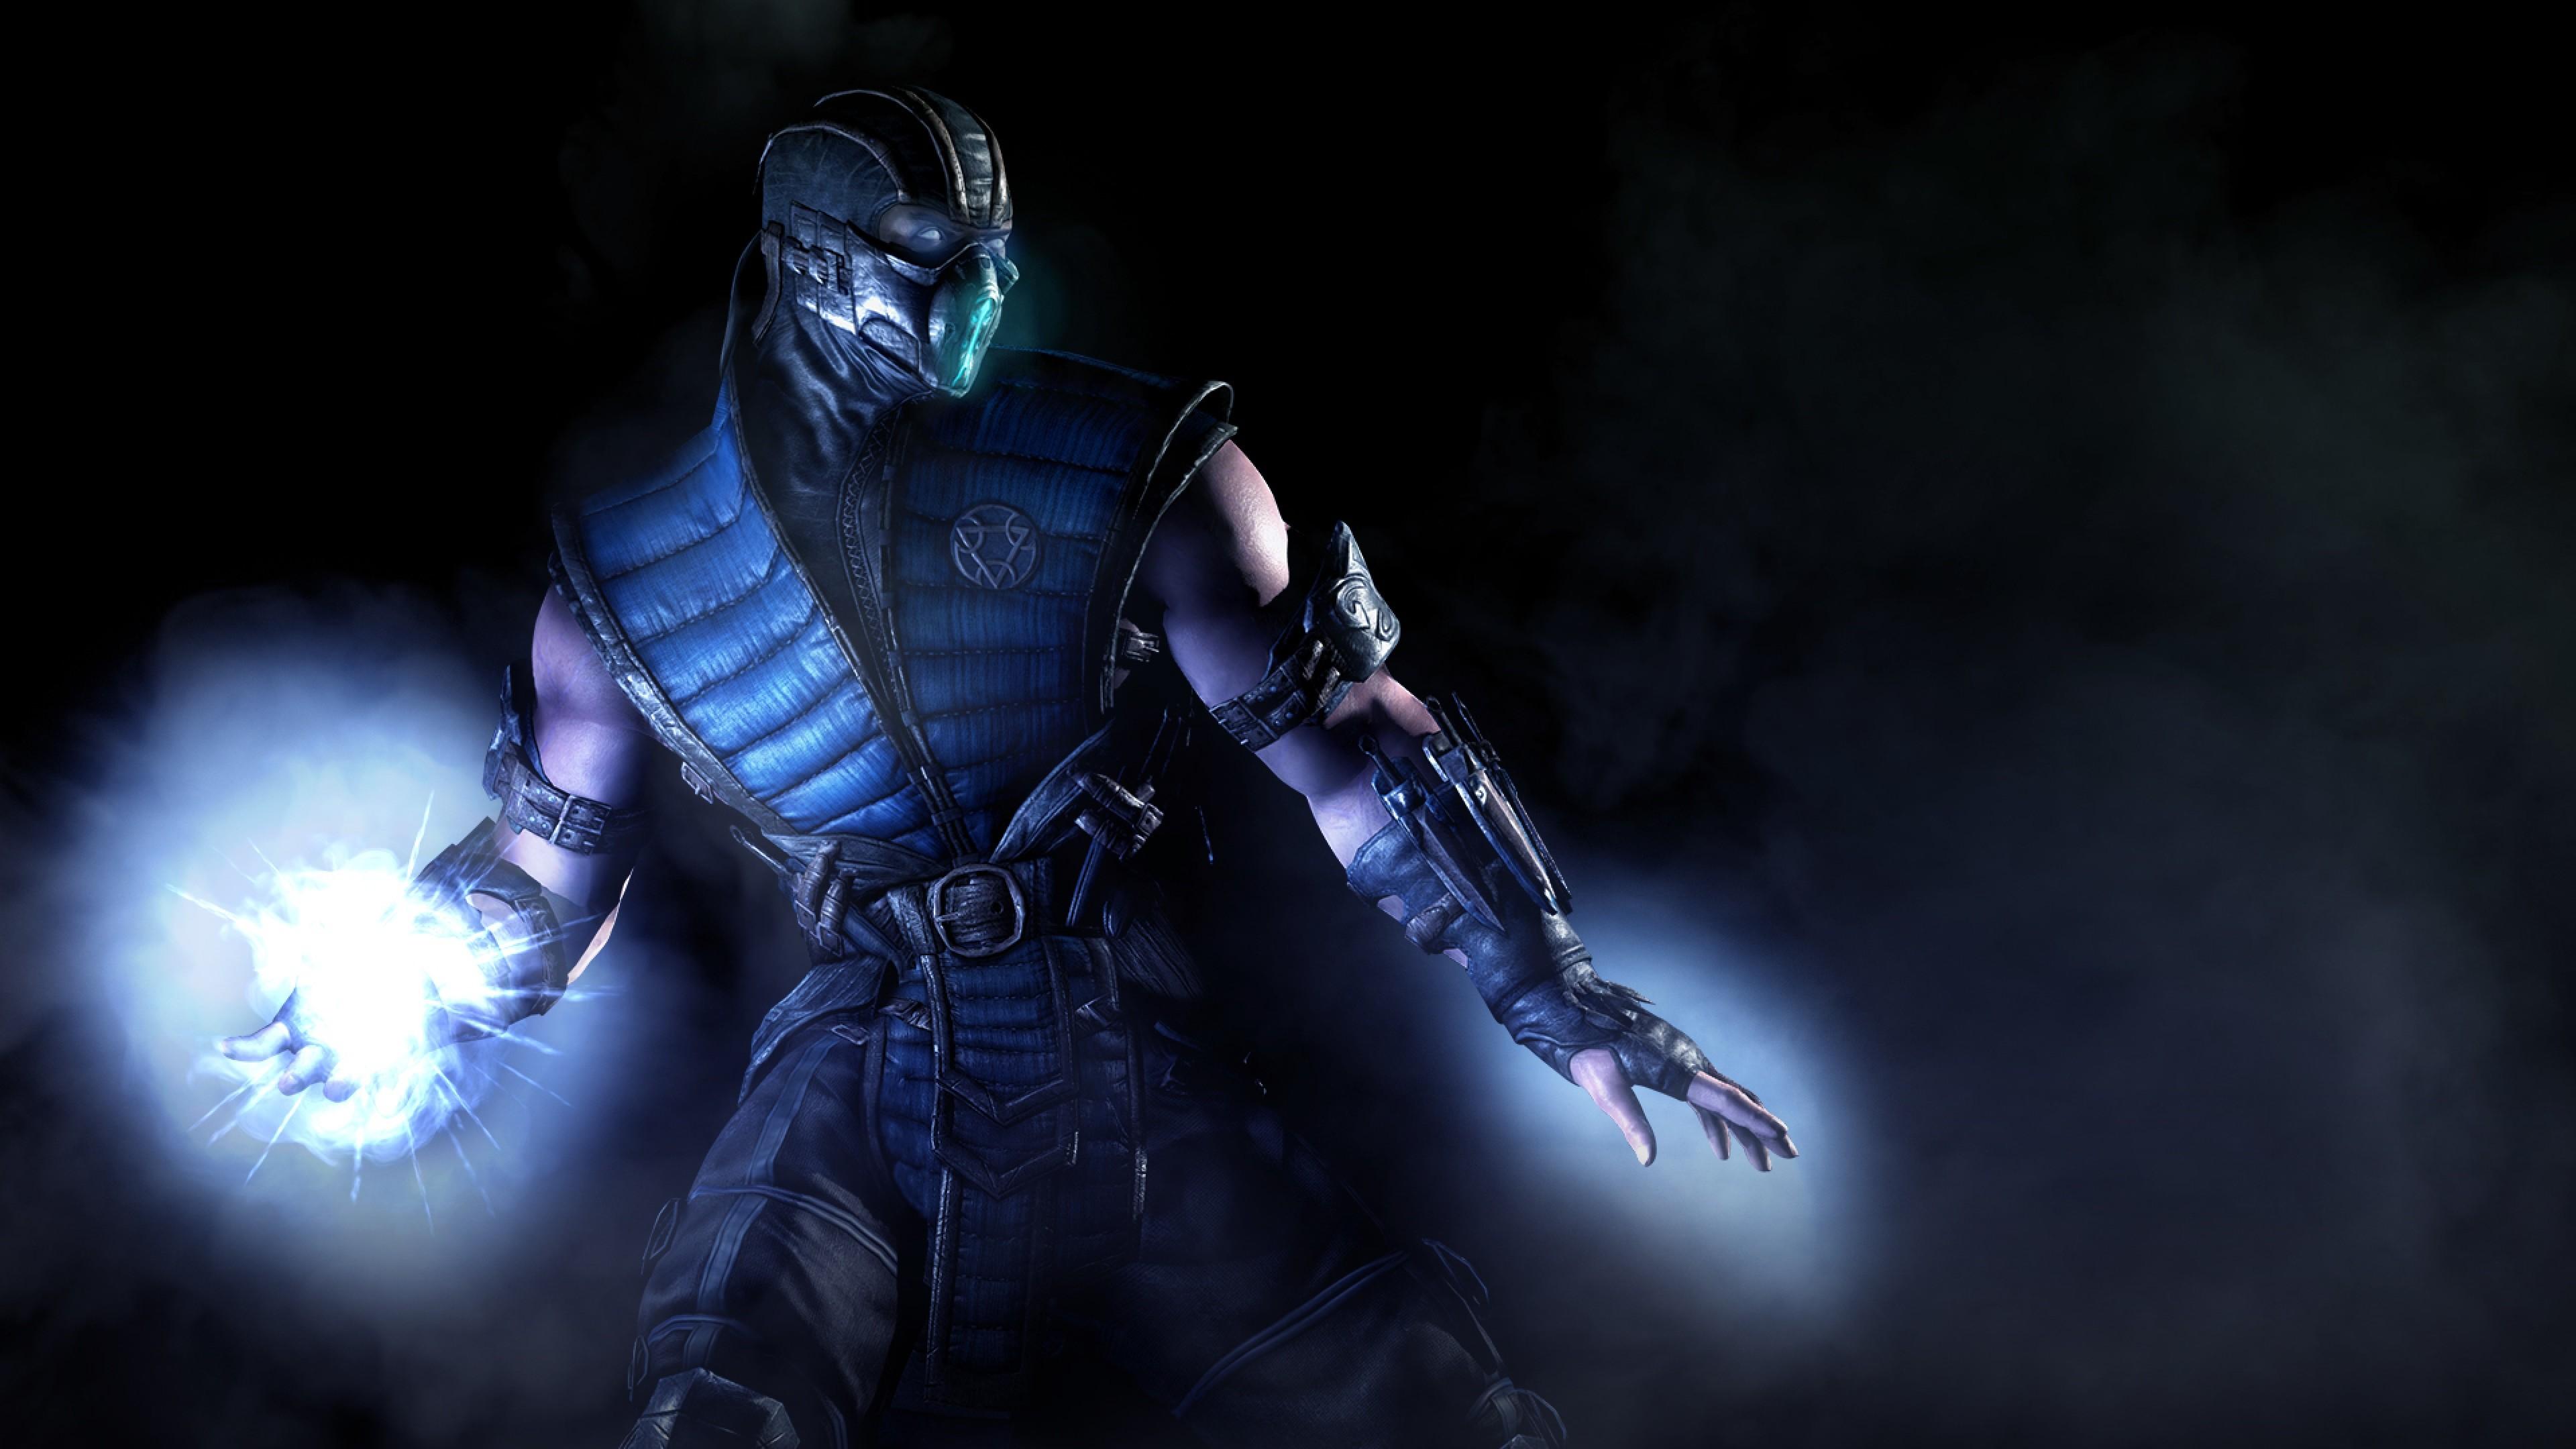 2048x1536 Download Original Size A E Mortal Kombat X Scorpion